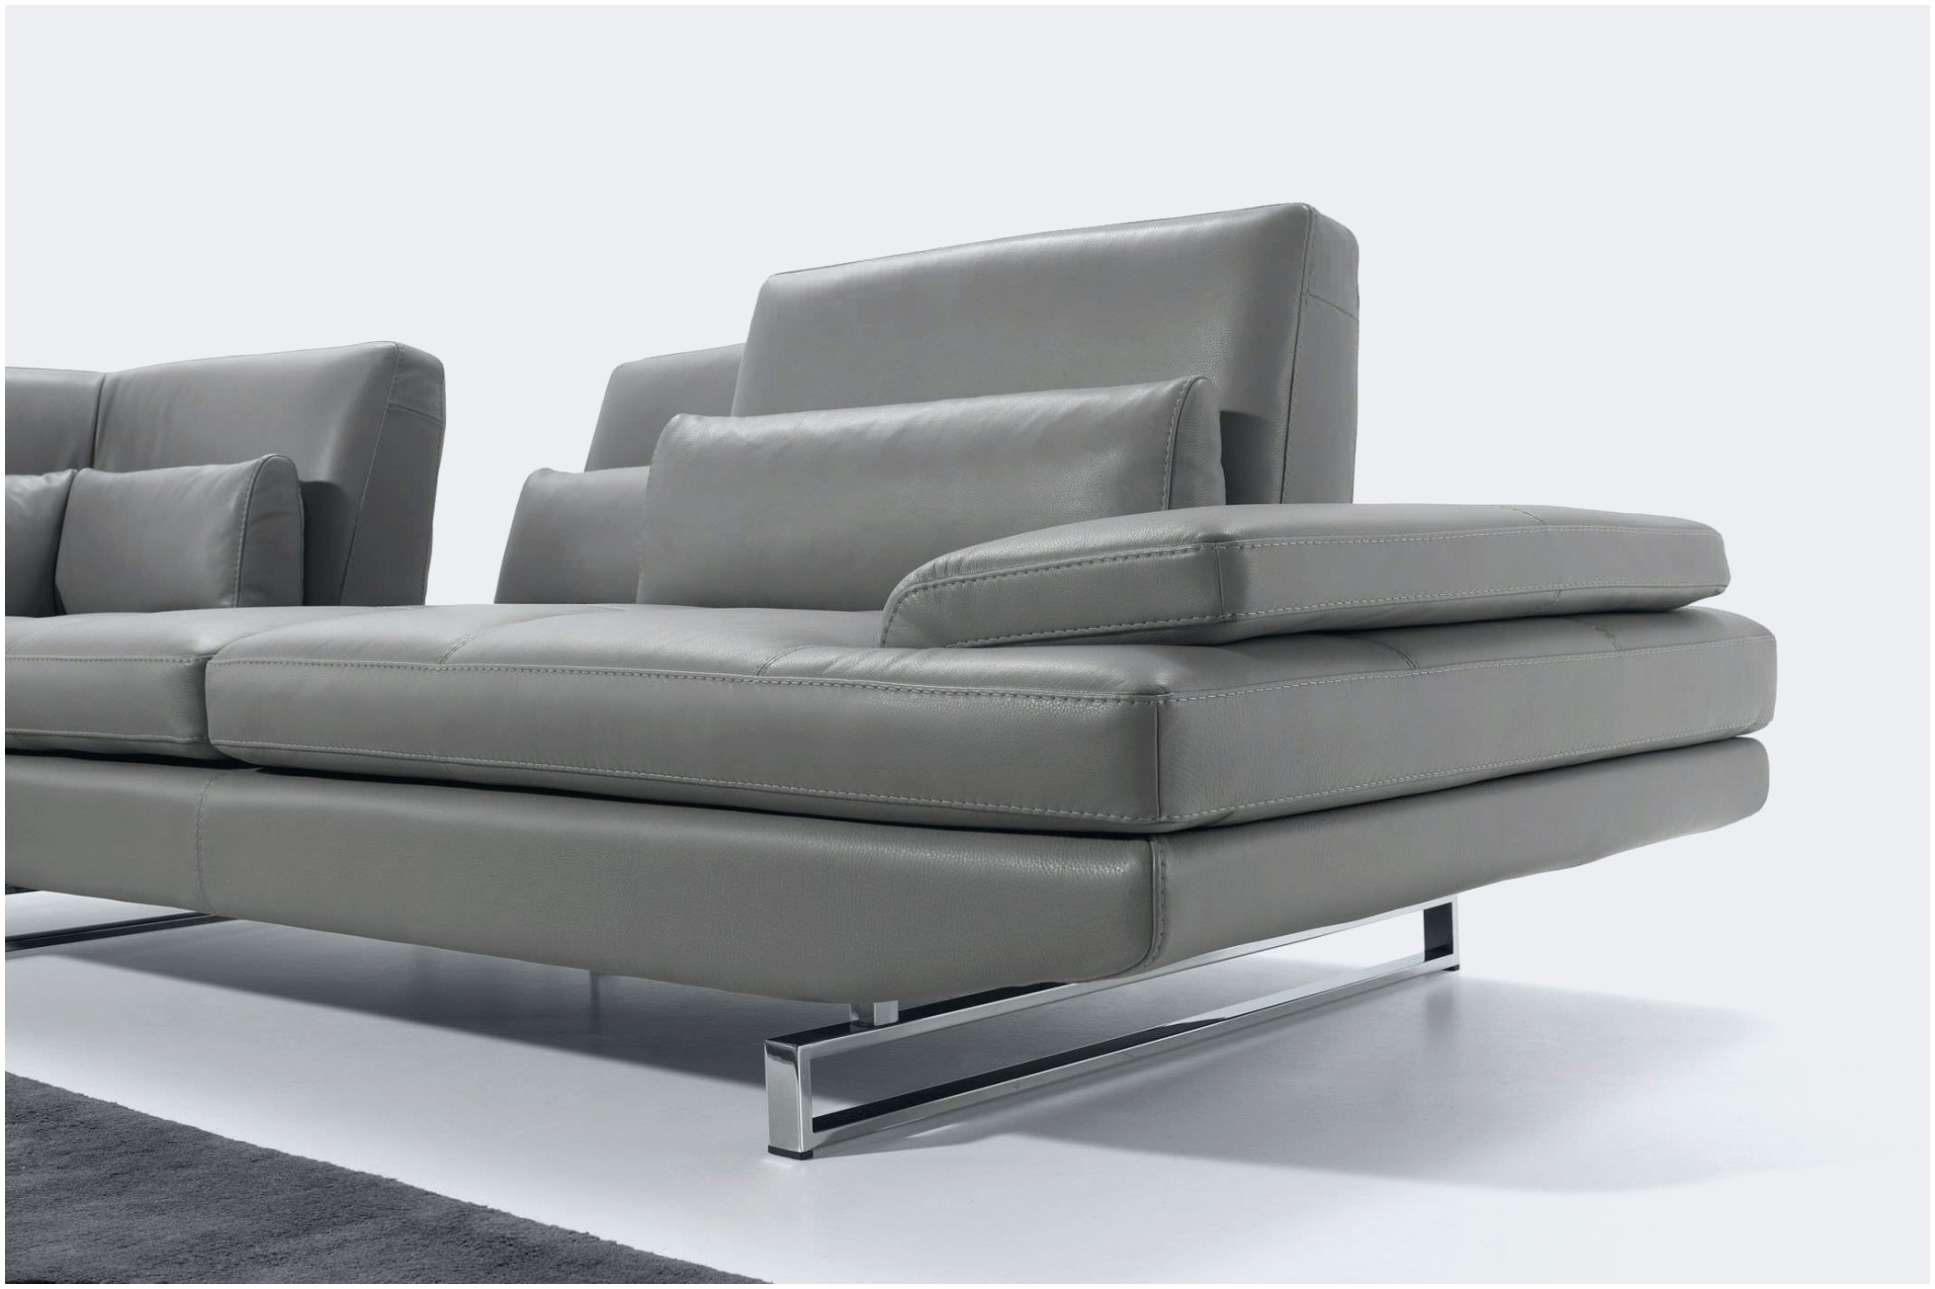 Ikea Canapé Lit Convertible Génial Elégant 32 Meilleures Canapé Convertible Simili Cuir Ikea Pour